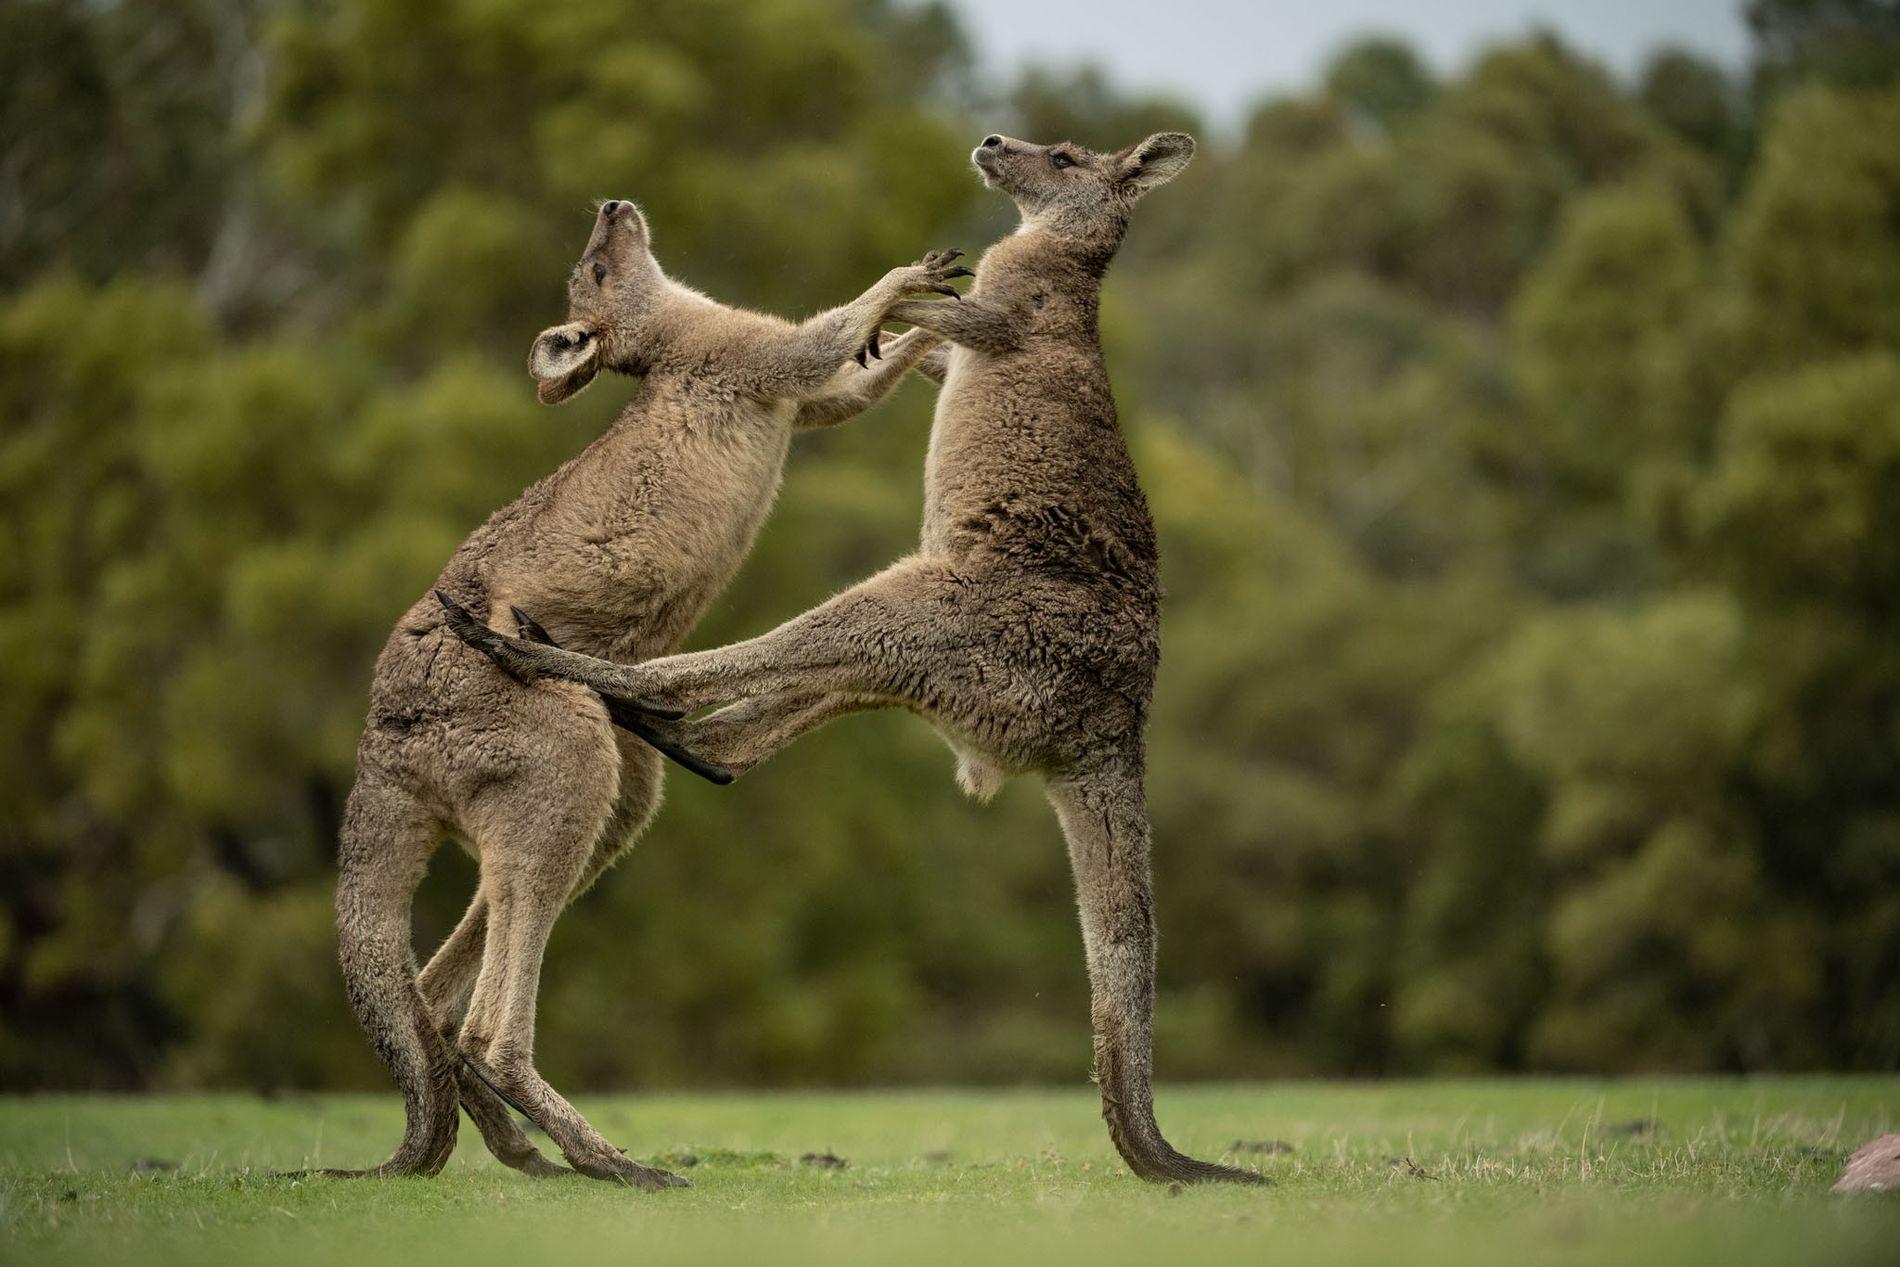 Deux jeunes mâles s'affrontent dans le parc national des Grampians (État de Victoria, Australie). L'image d'un kangourou en train de « boxer » est apparue pour la première fois dans une bande dessinée de 1891, inspirée par des démonstrations opposant l'homme au kangourou. Photographie parue dans le numéro 233 du magazine National Geographic (février 2019).